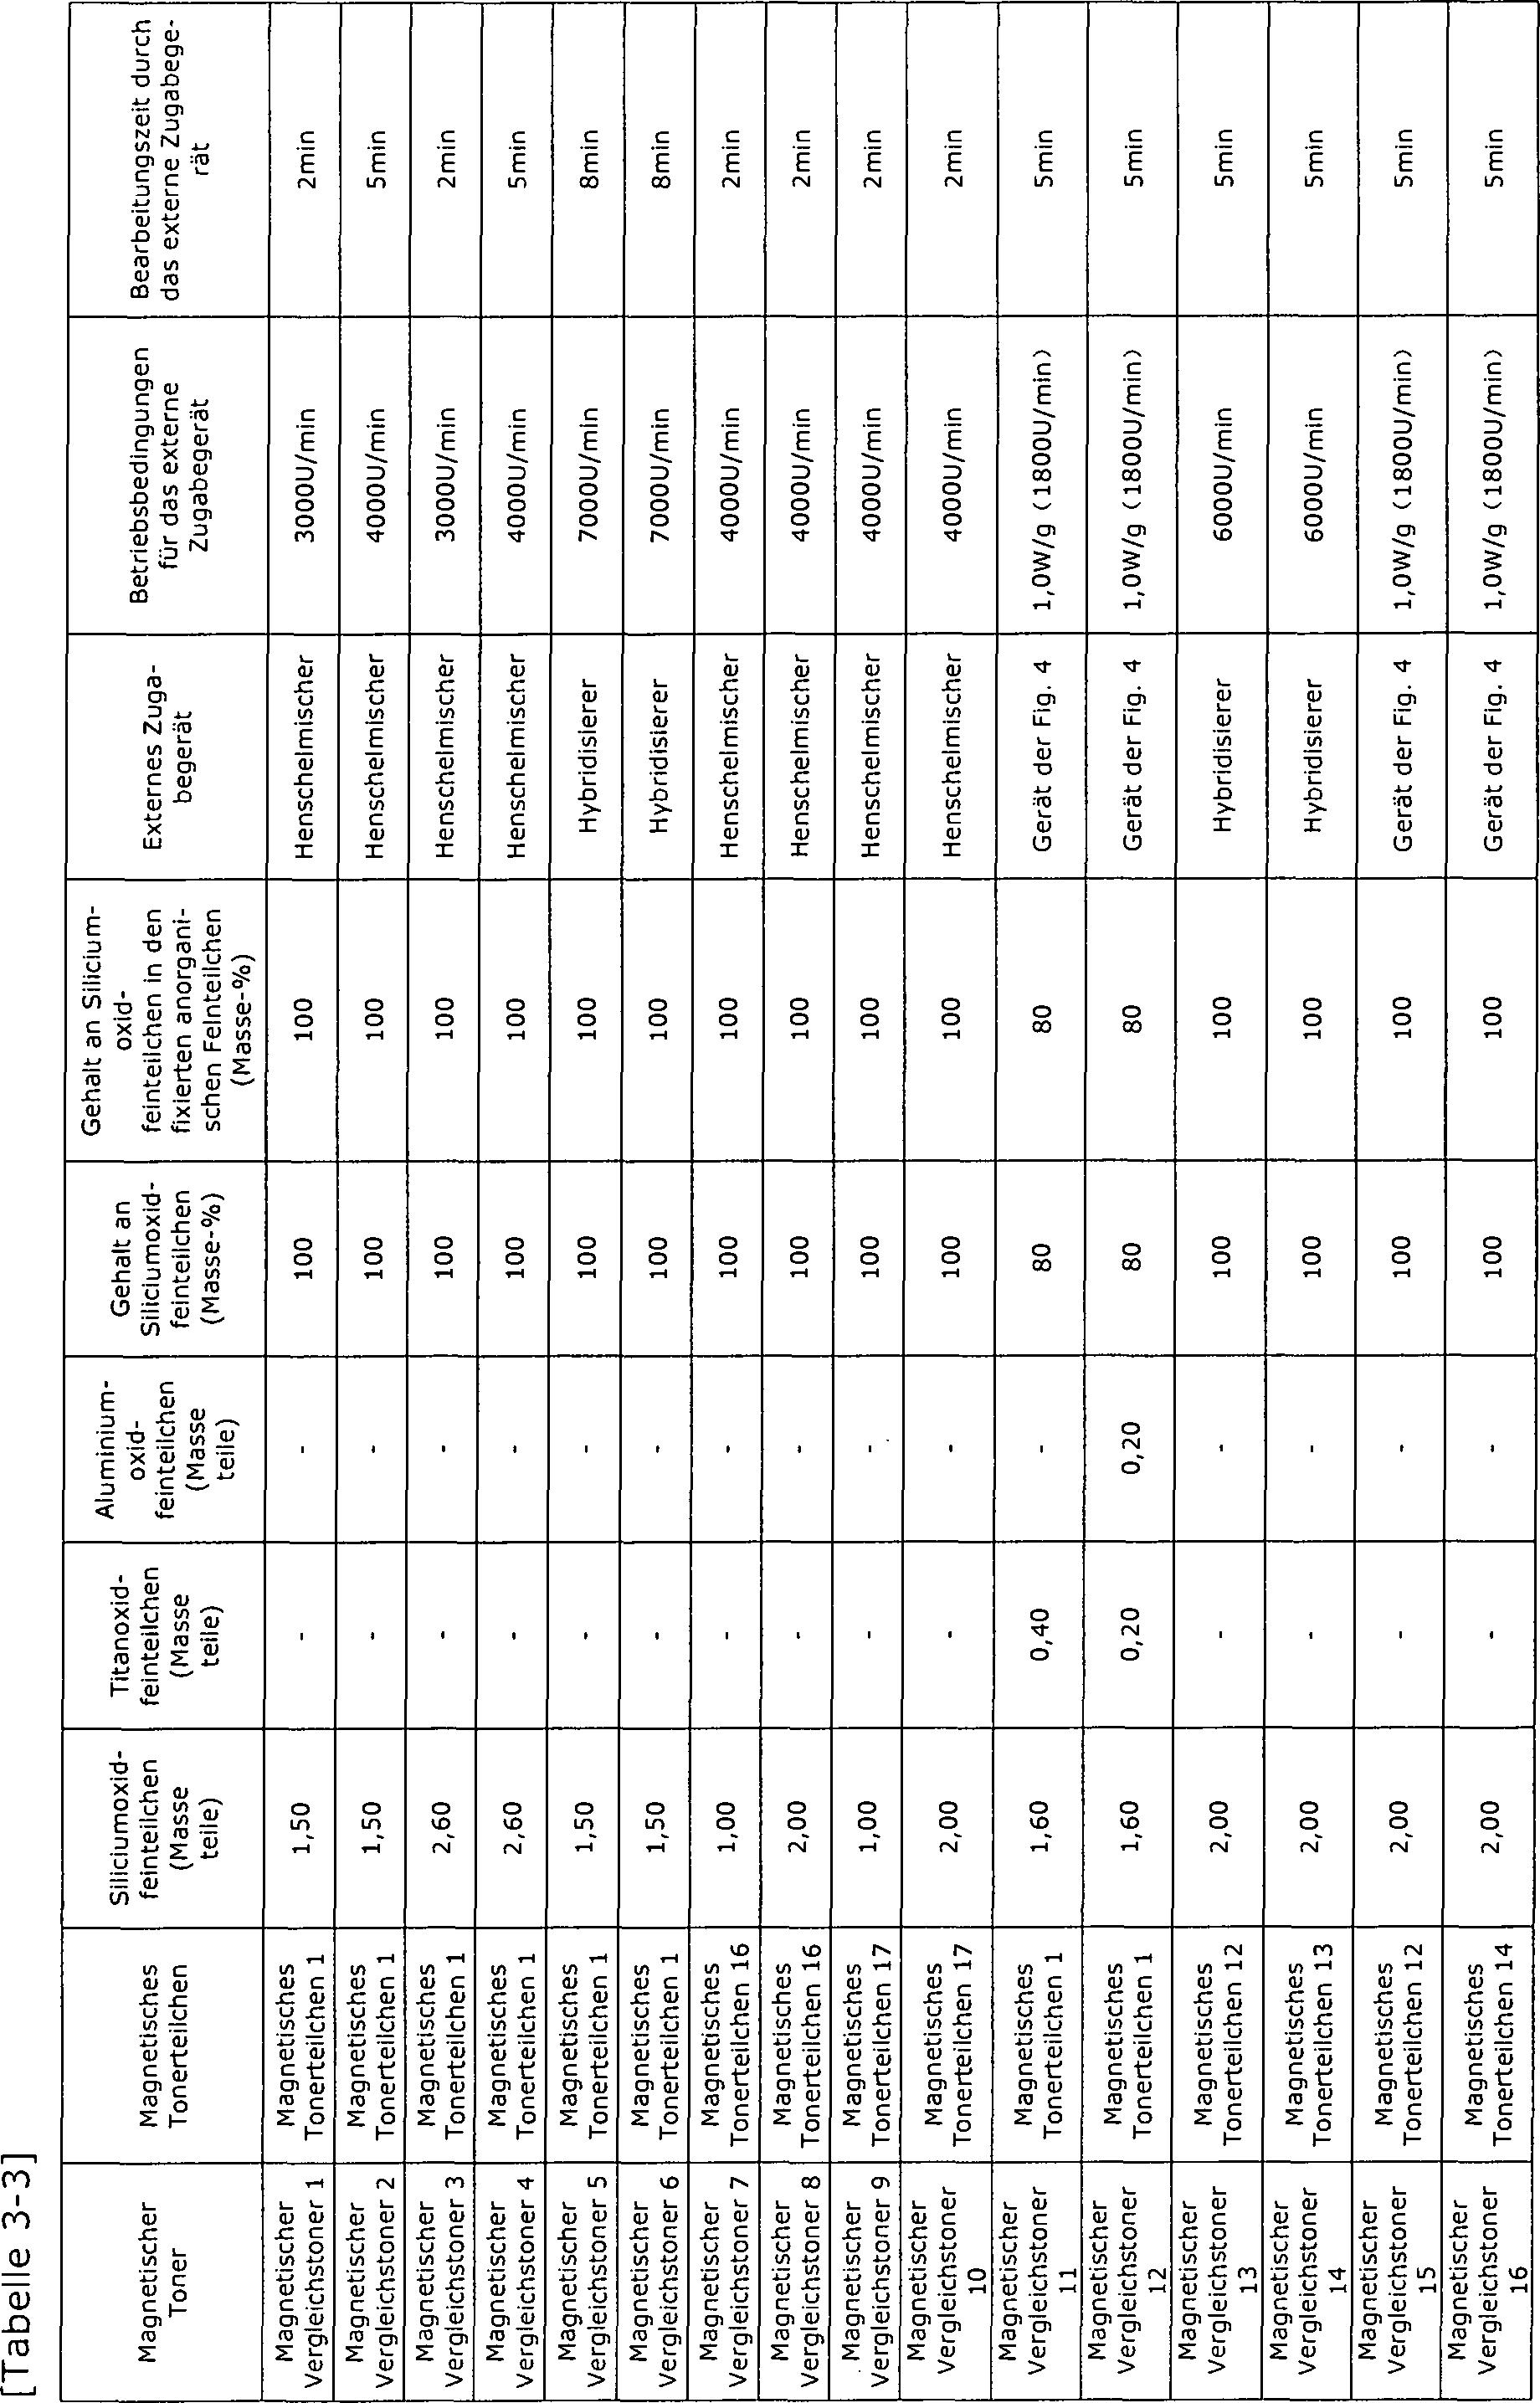 Figure DE112012005504T5_0008